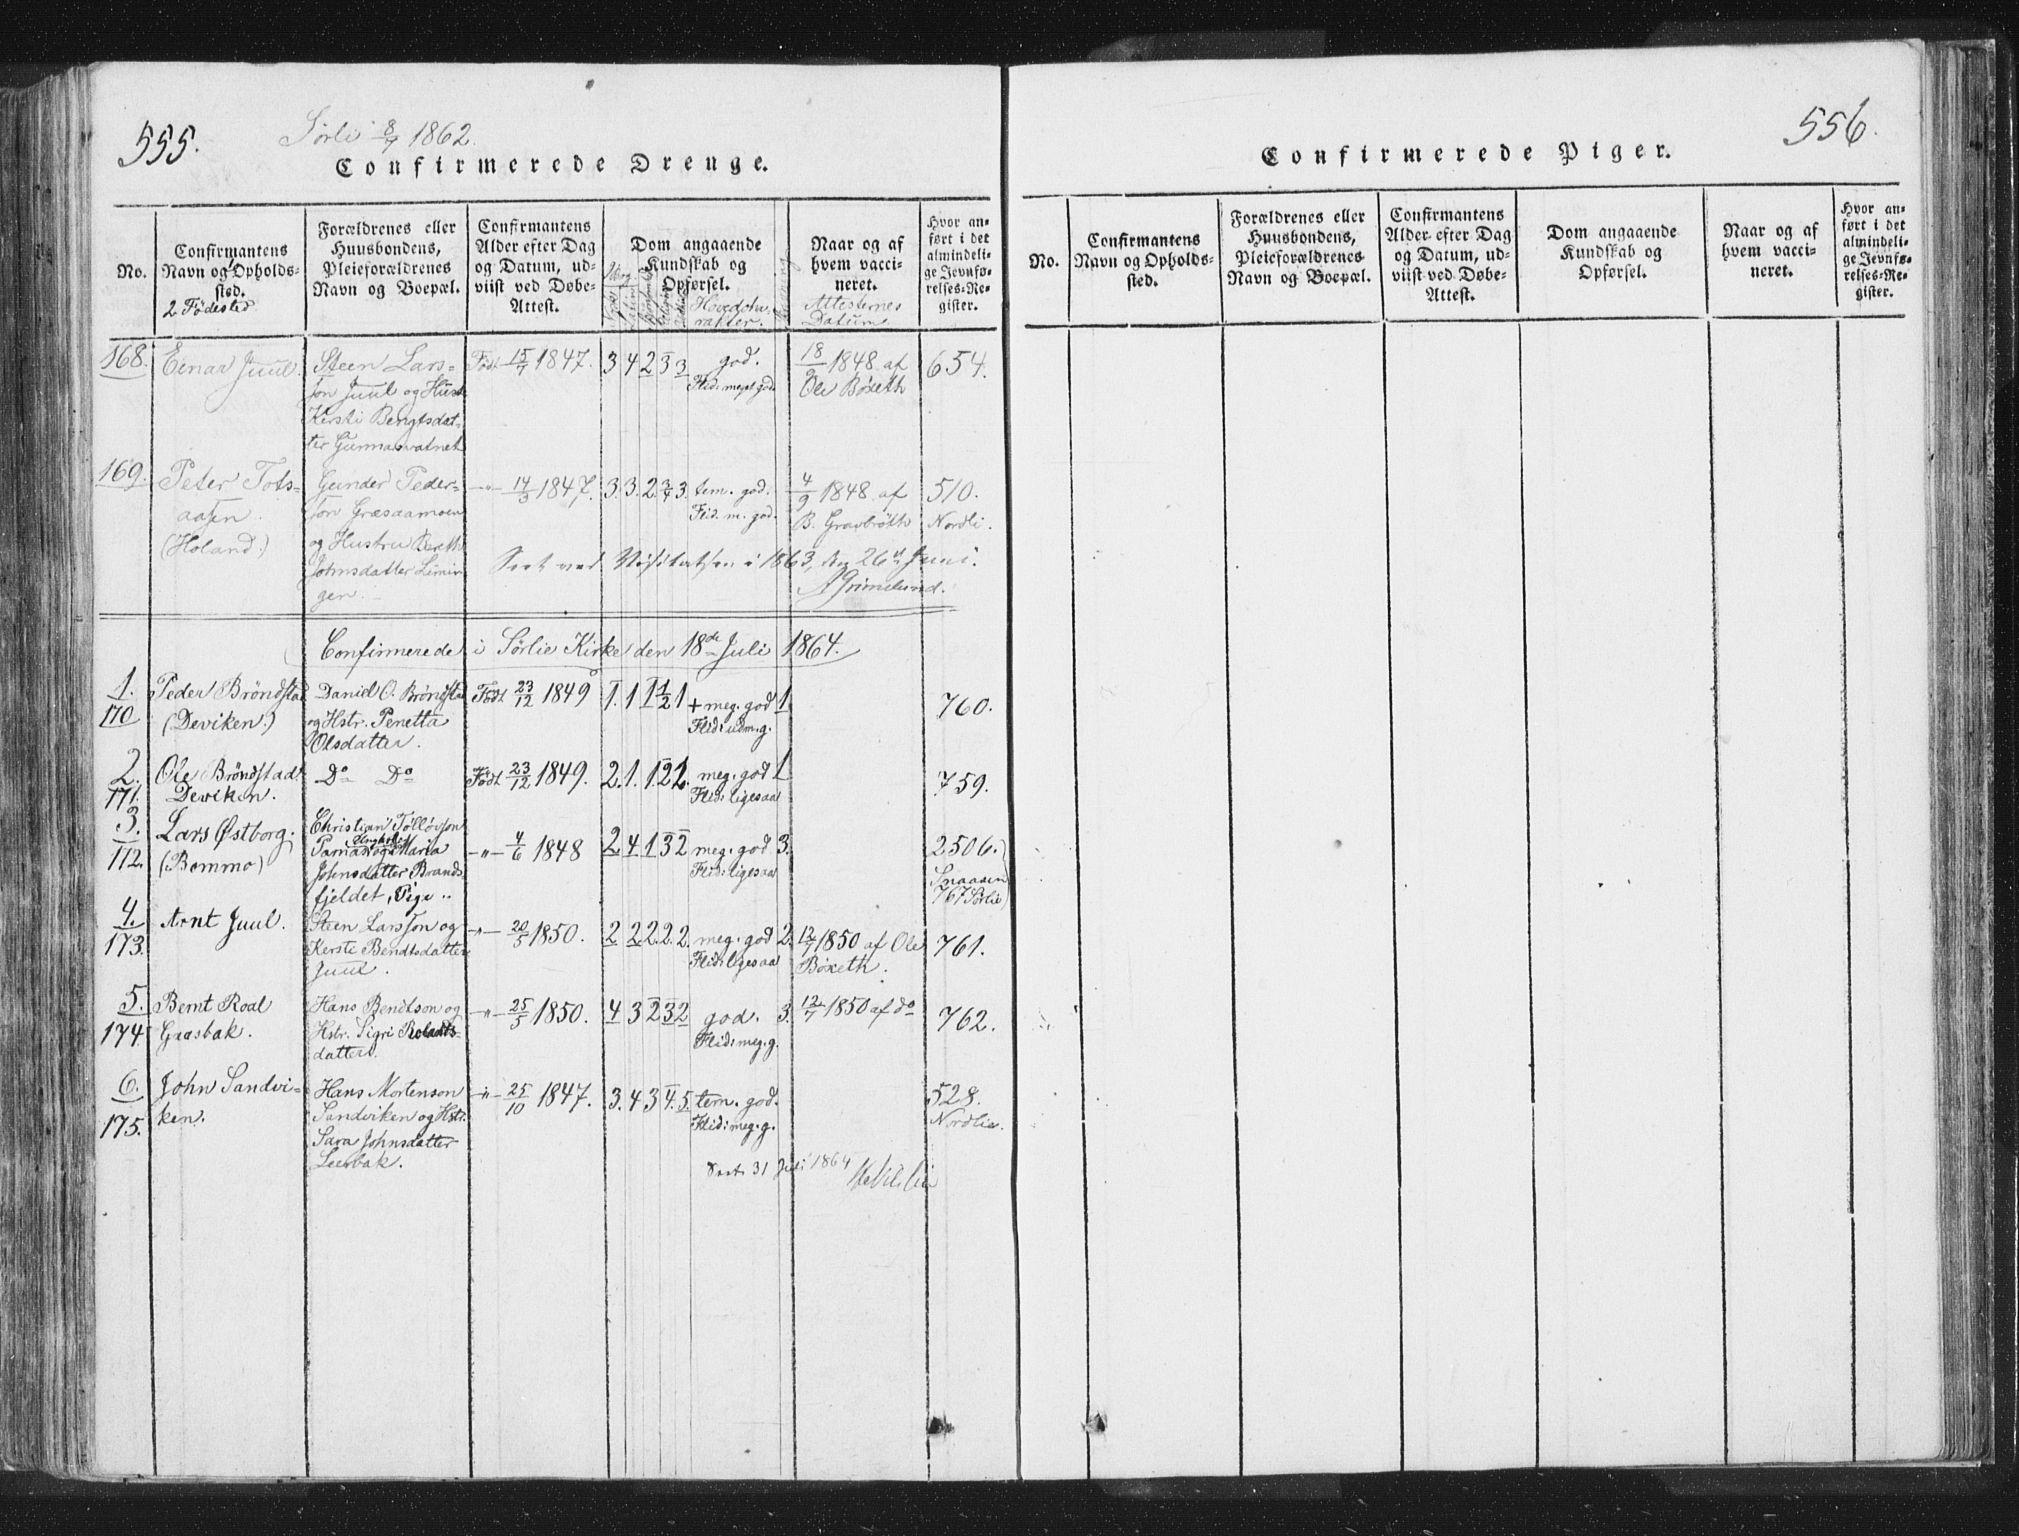 SAT, Ministerialprotokoller, klokkerbøker og fødselsregistre - Nord-Trøndelag, 755/L0491: Ministerialbok nr. 755A01 /2, 1817-1864, s. 555-556